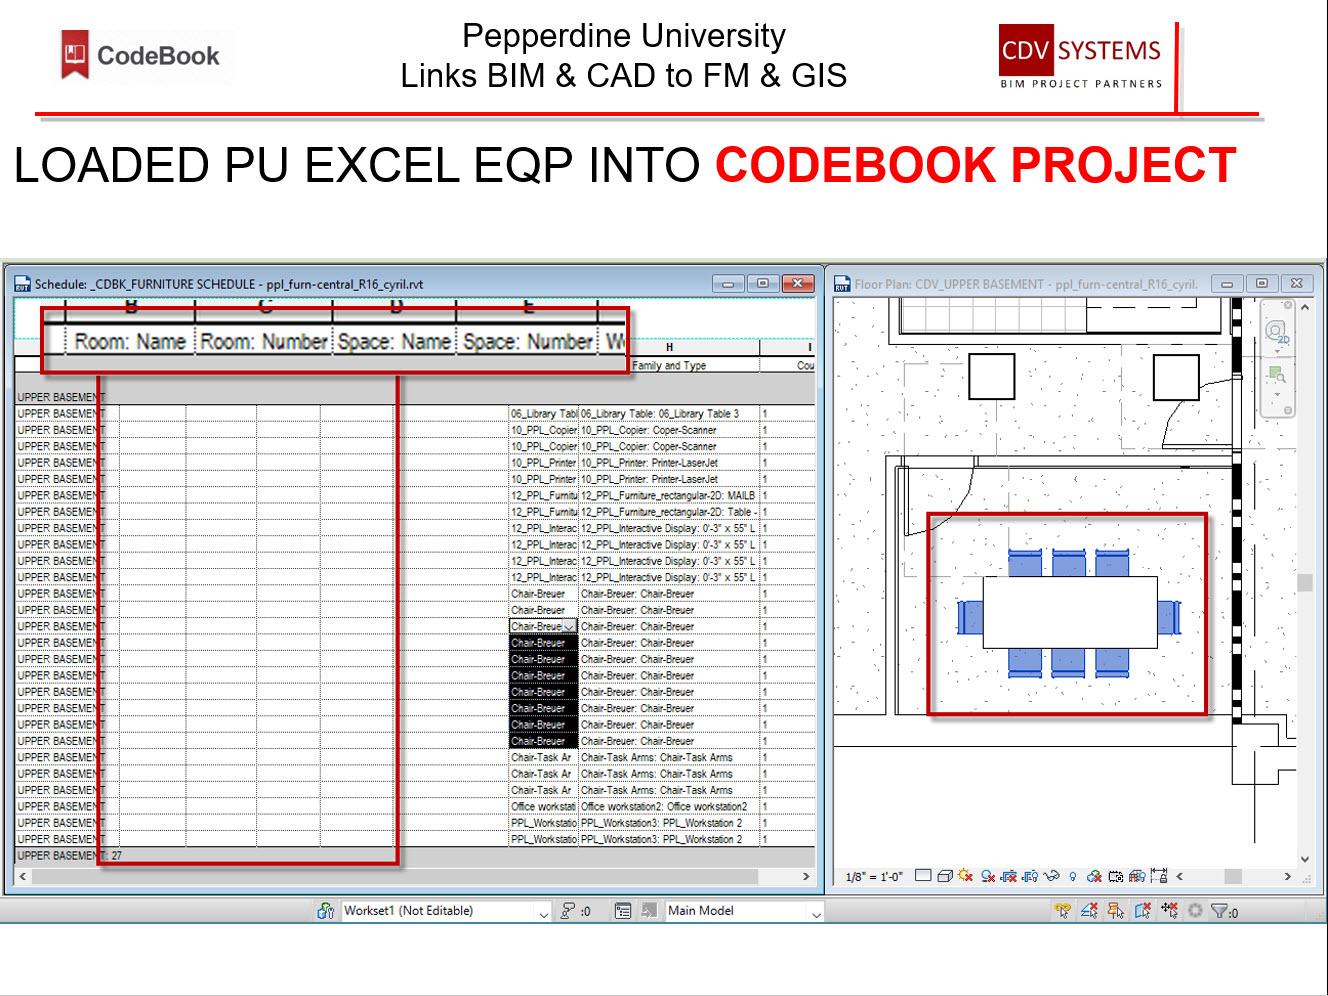 PROJECT CODEBOOK_13j67.jpg